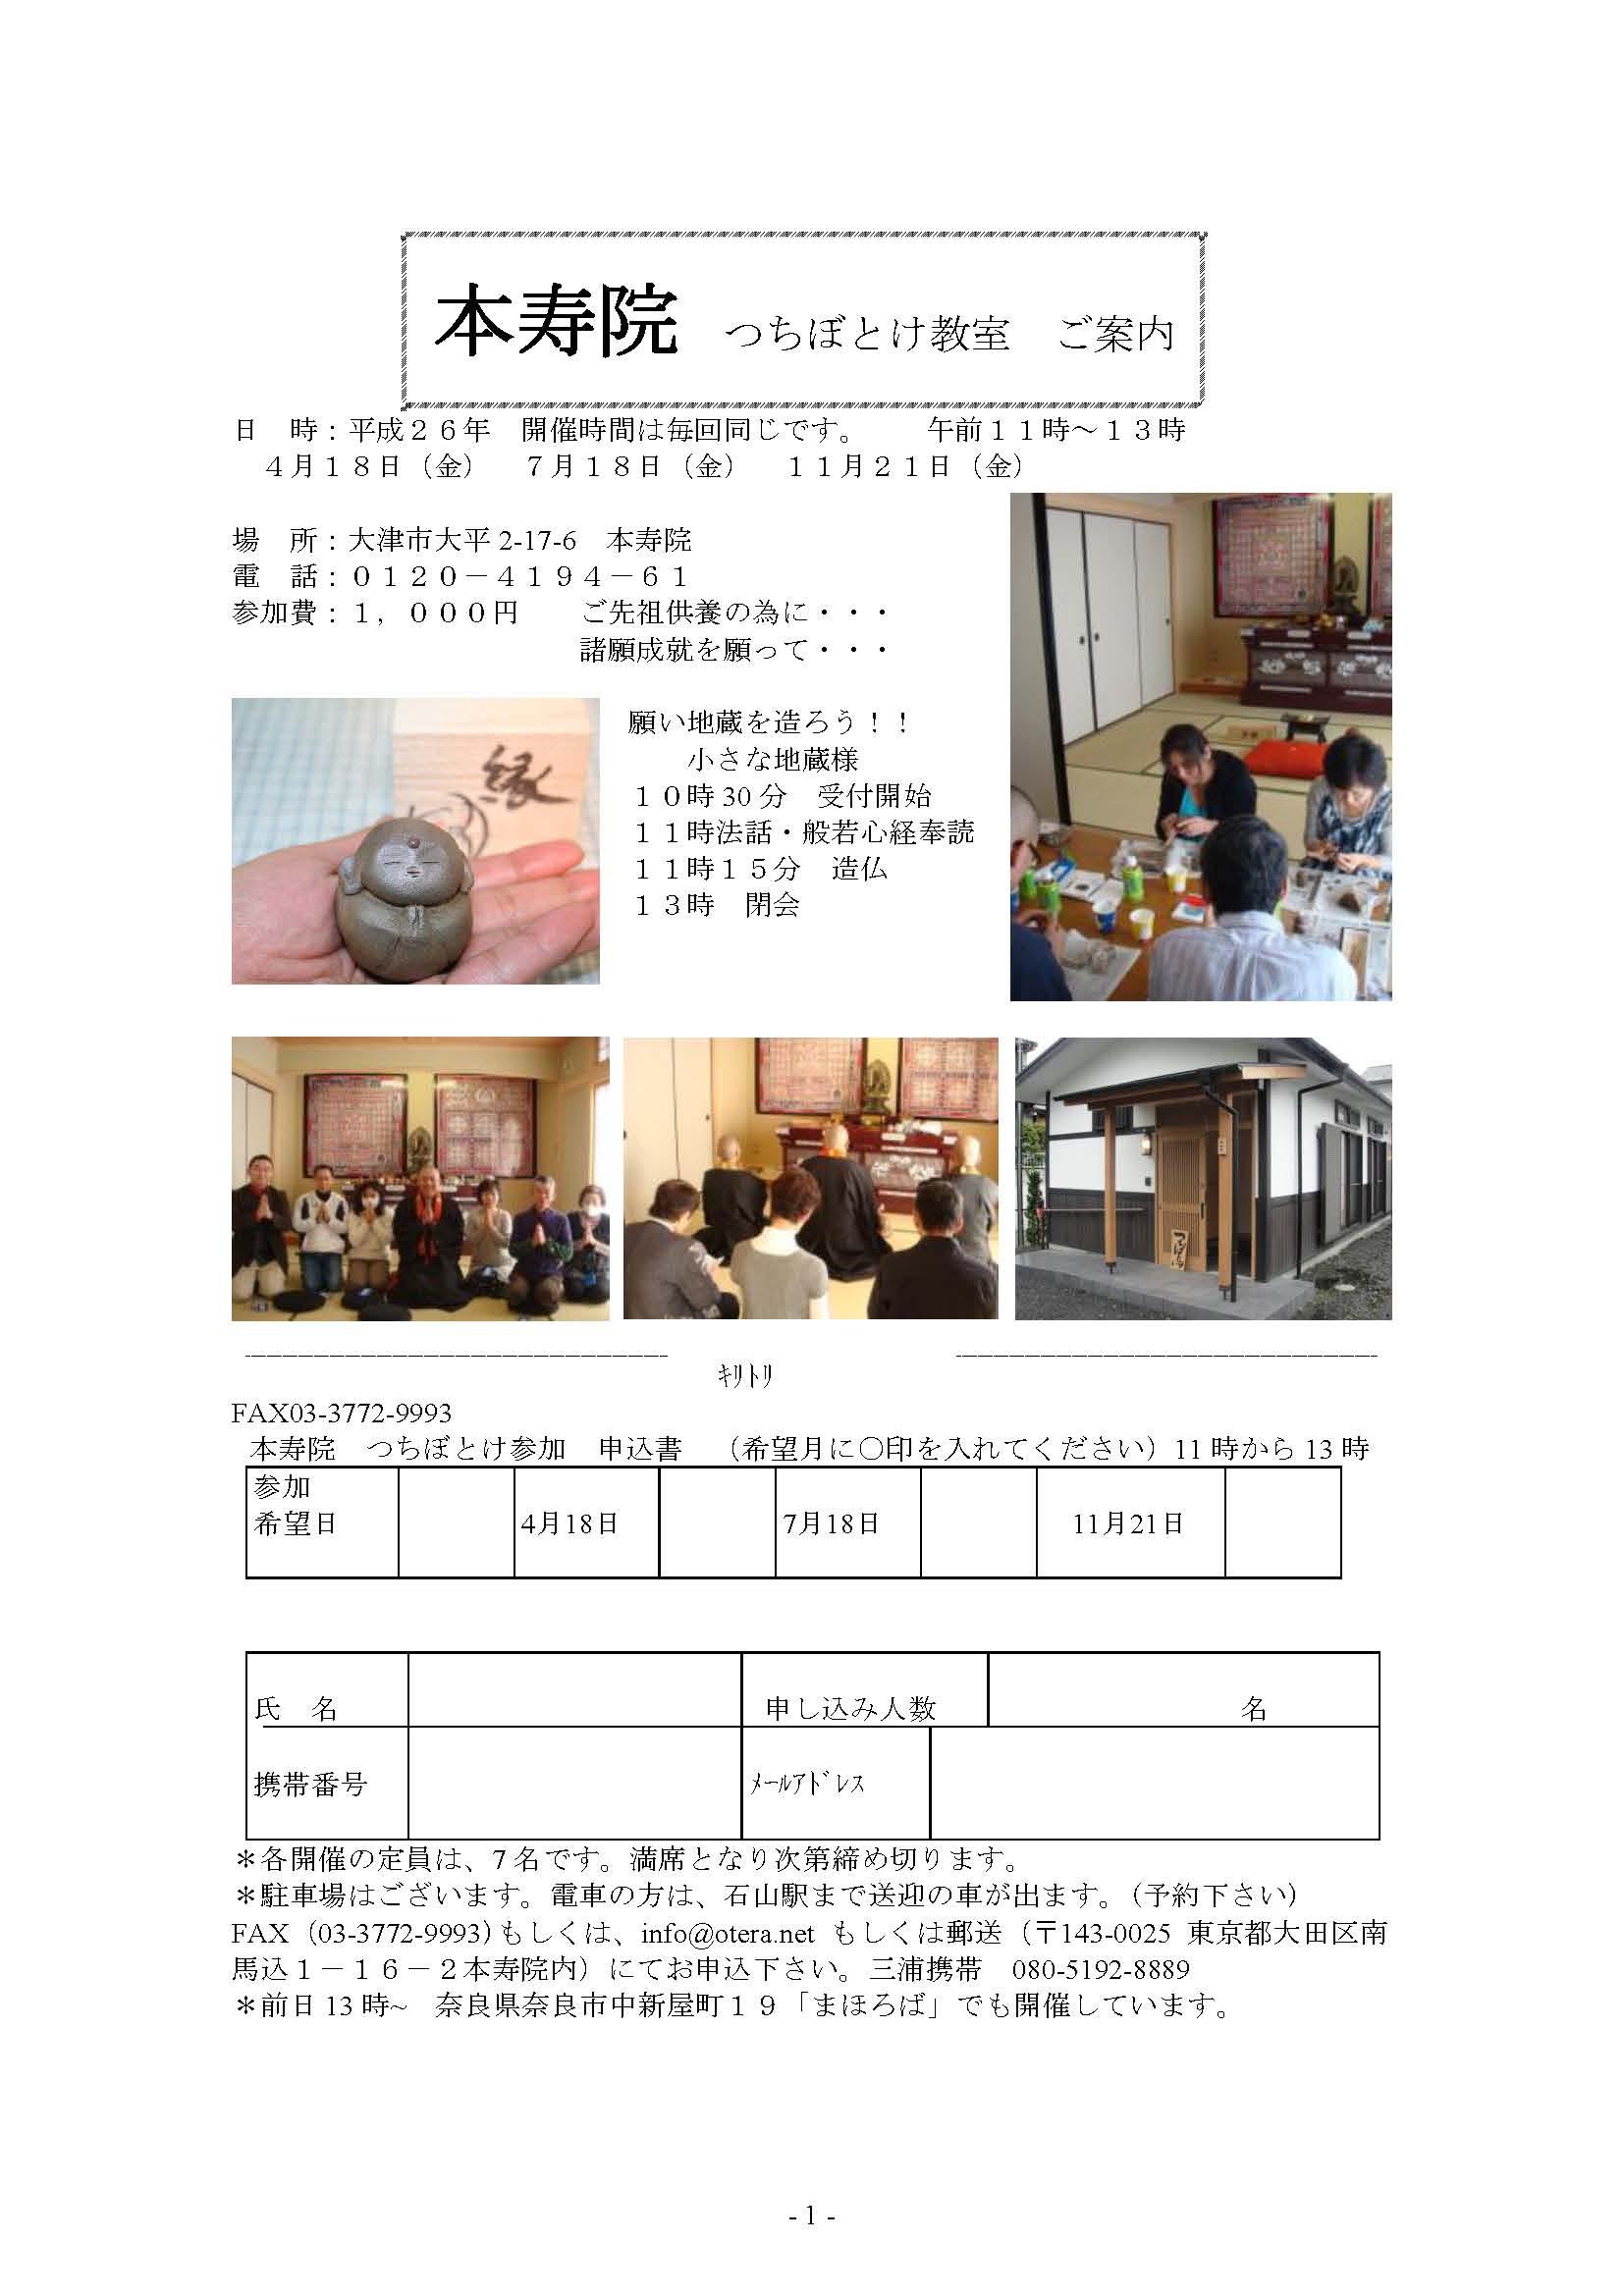 本寿院大平つちぼとけ教室25年2月